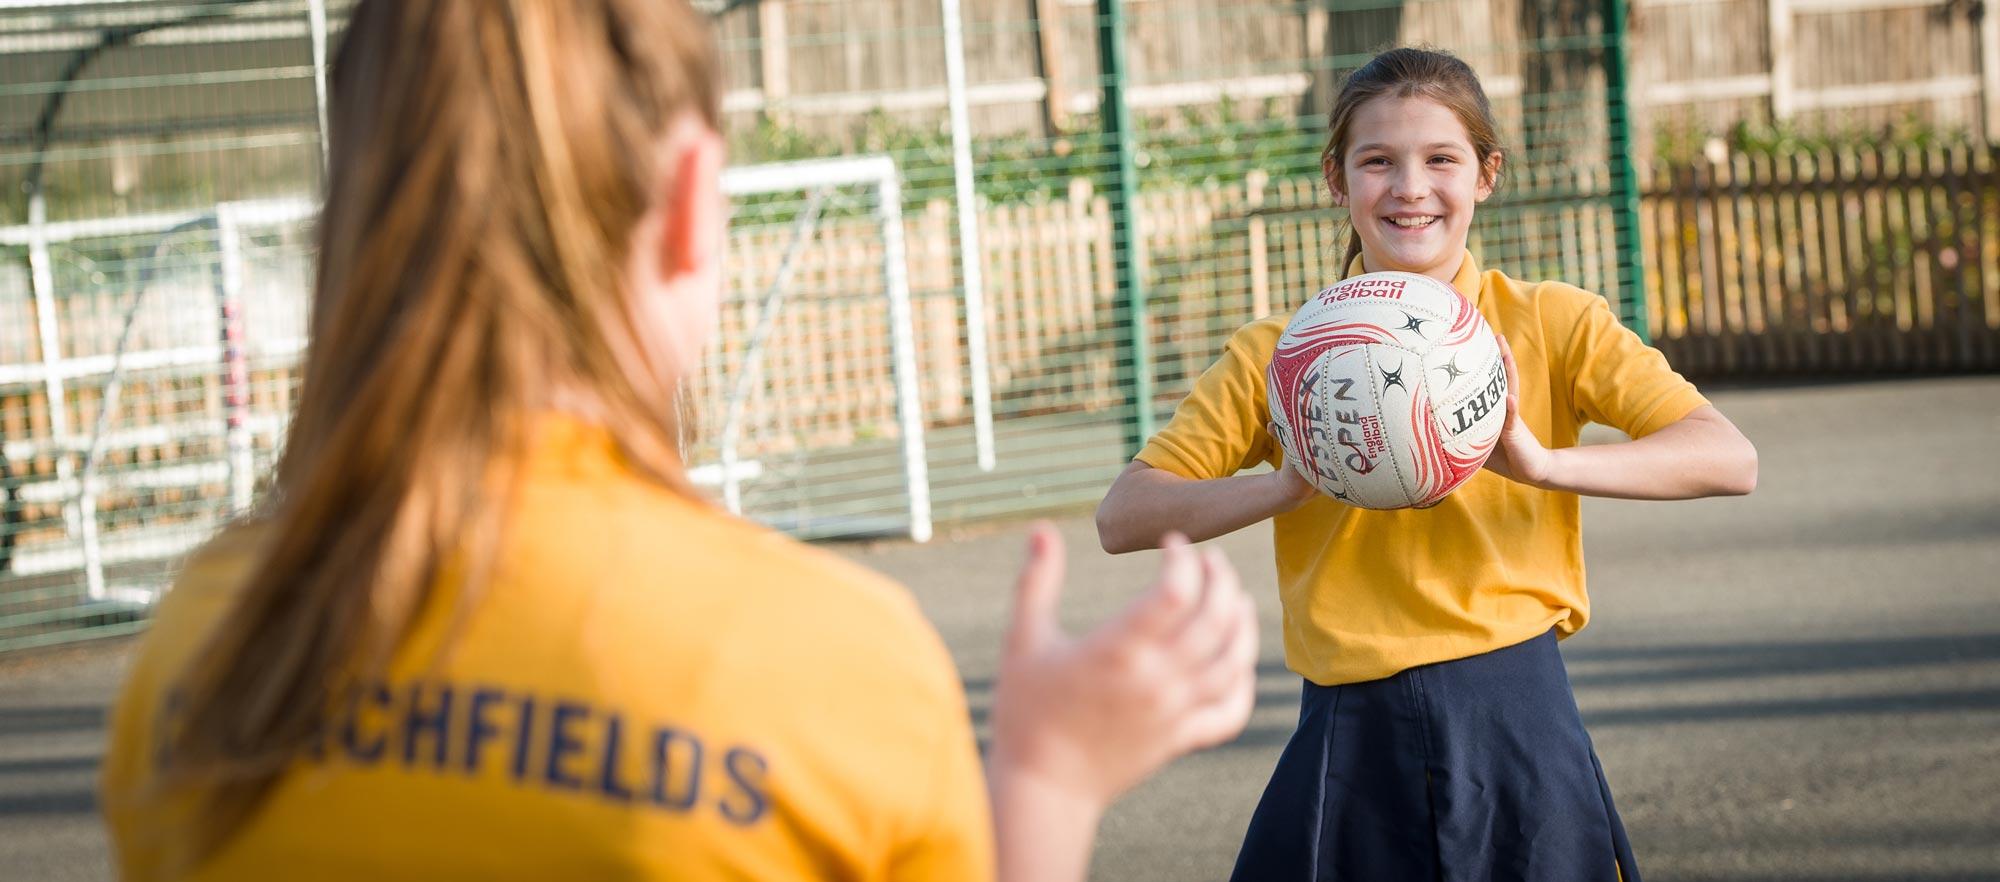 Girl throwing ball